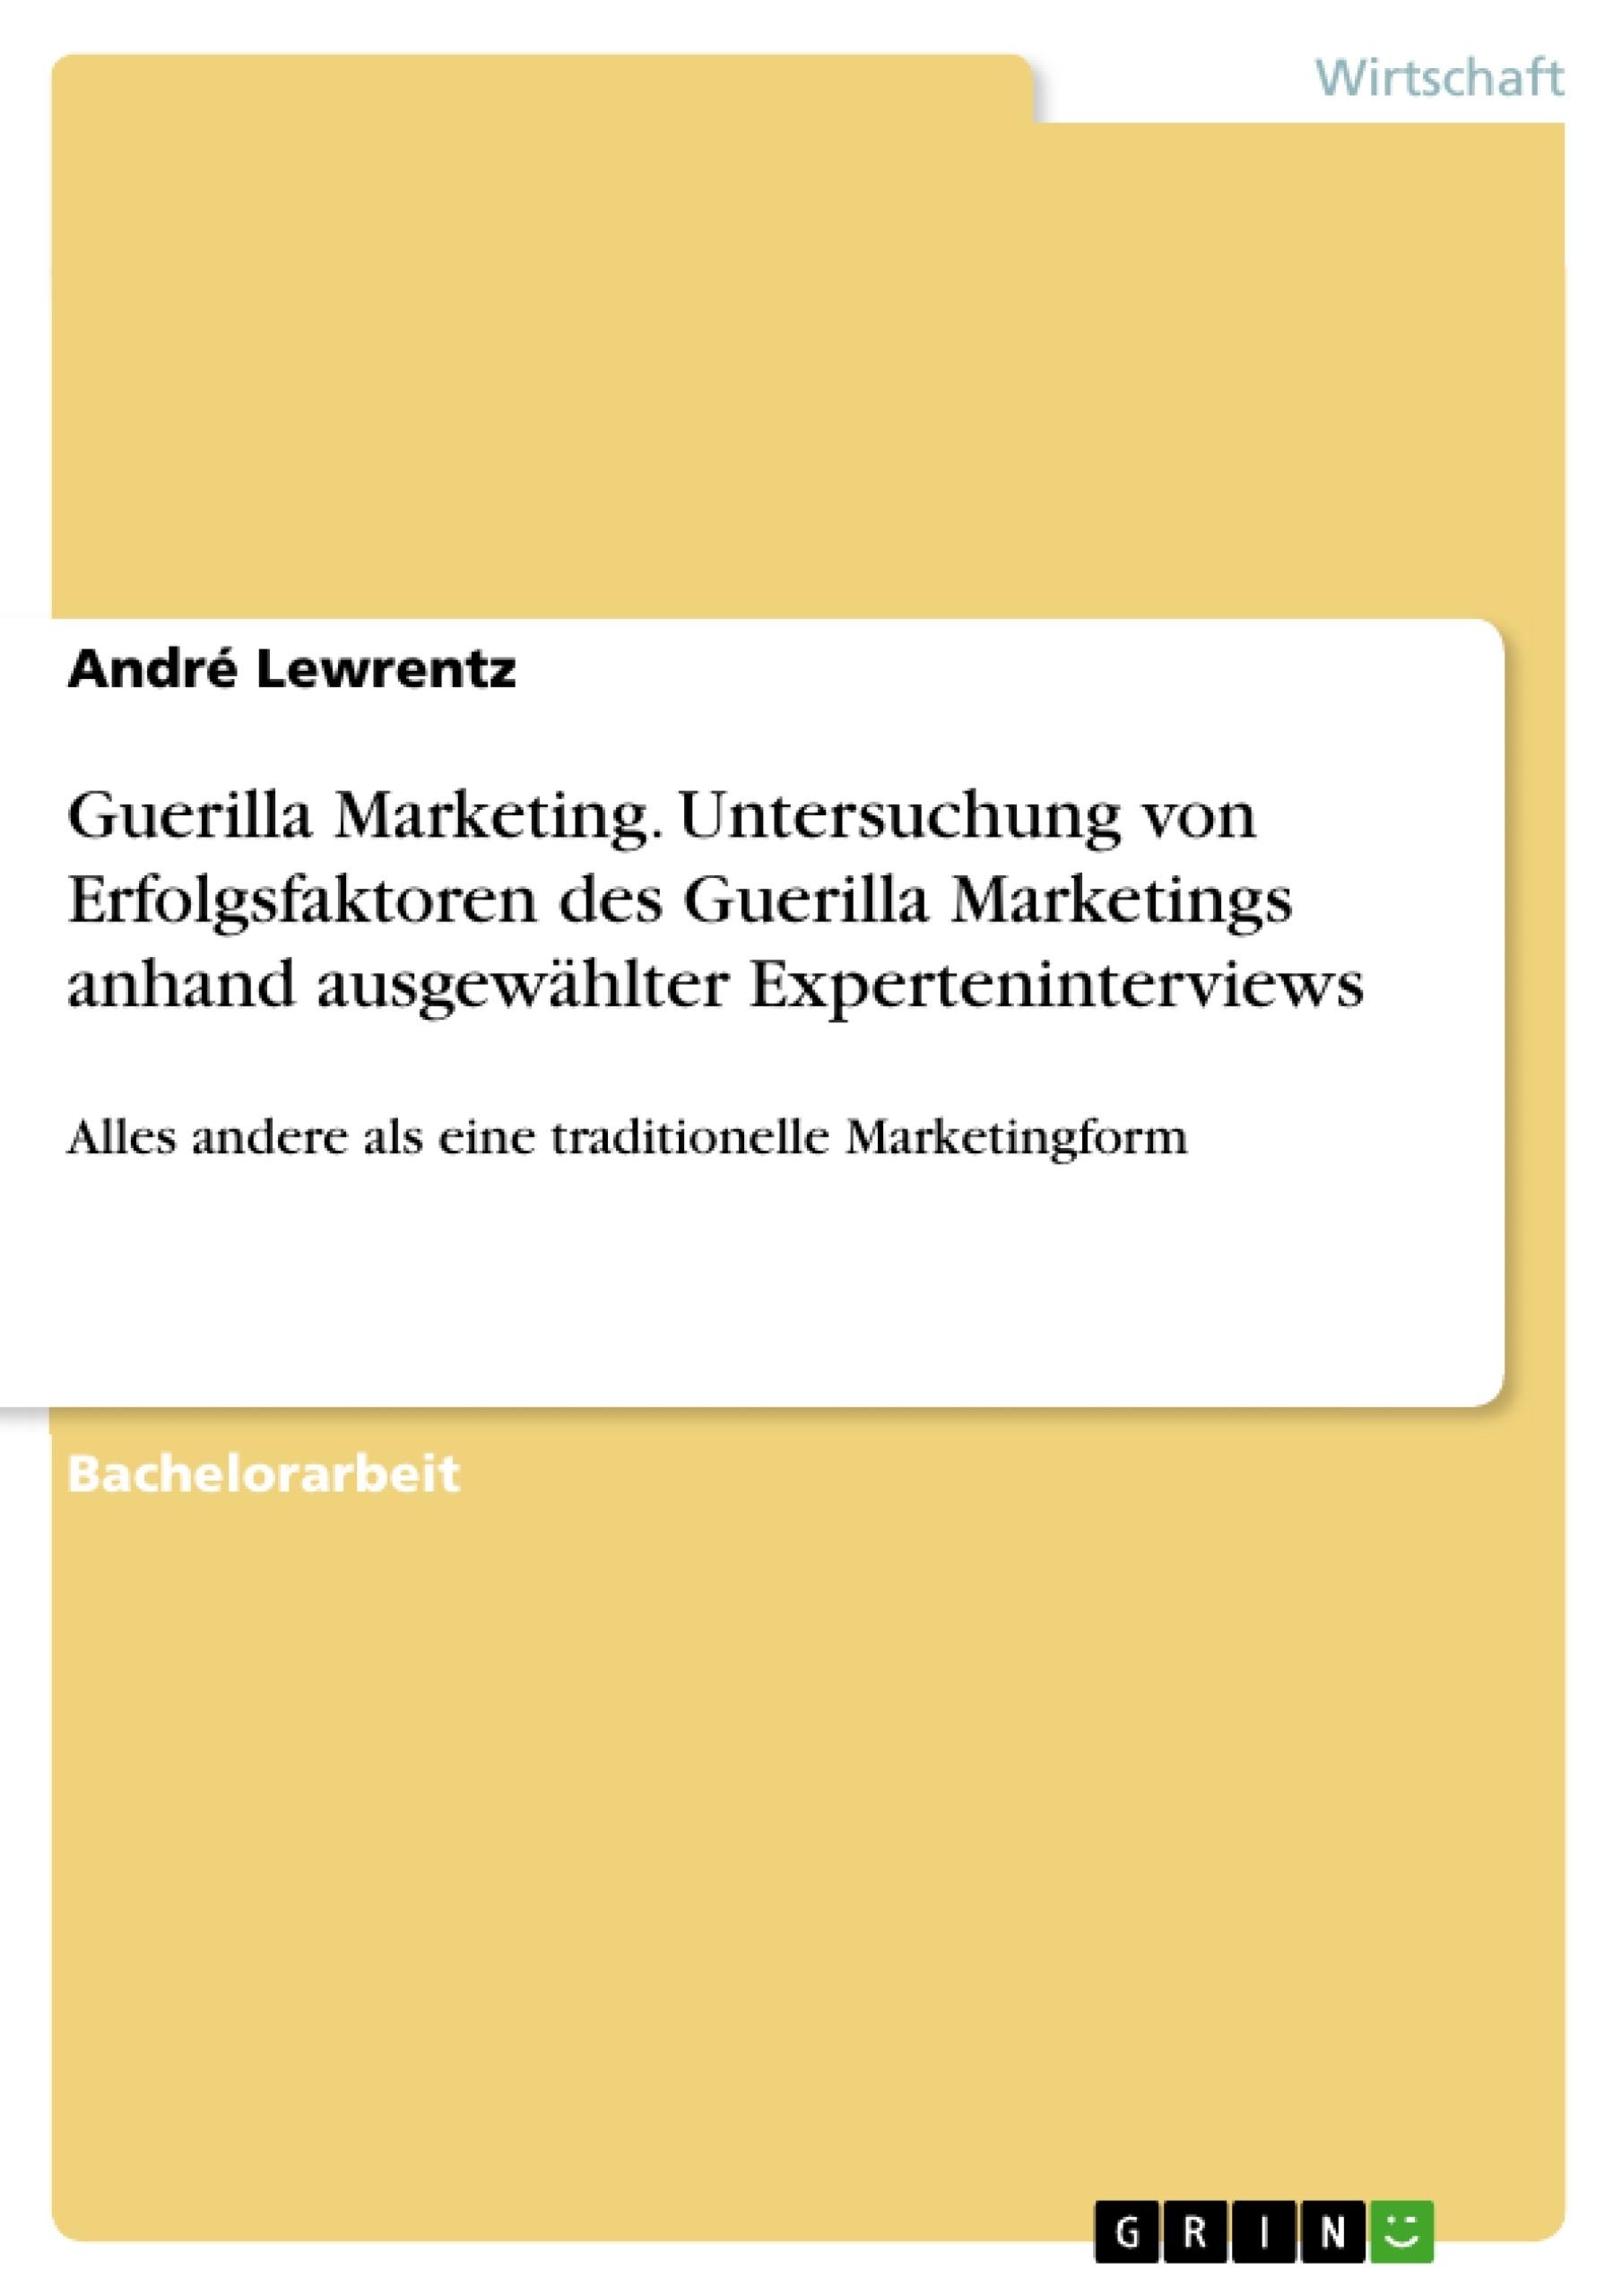 Titel: Guerilla Marketing. Untersuchung von Erfolgsfaktoren des Guerilla Marketings anhand ausgewählter Experteninterviews